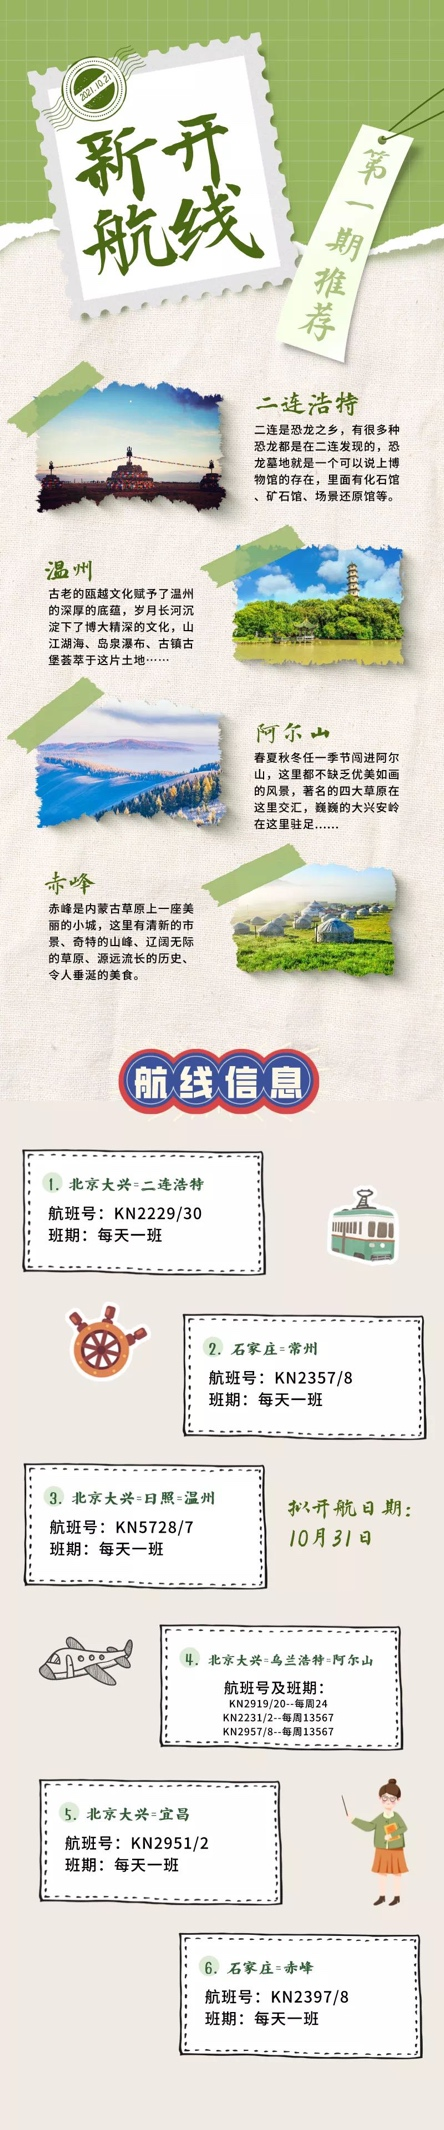 中国联合航空2021/22冬春航线抢先看,新增6条新航线满足季节性市场需要